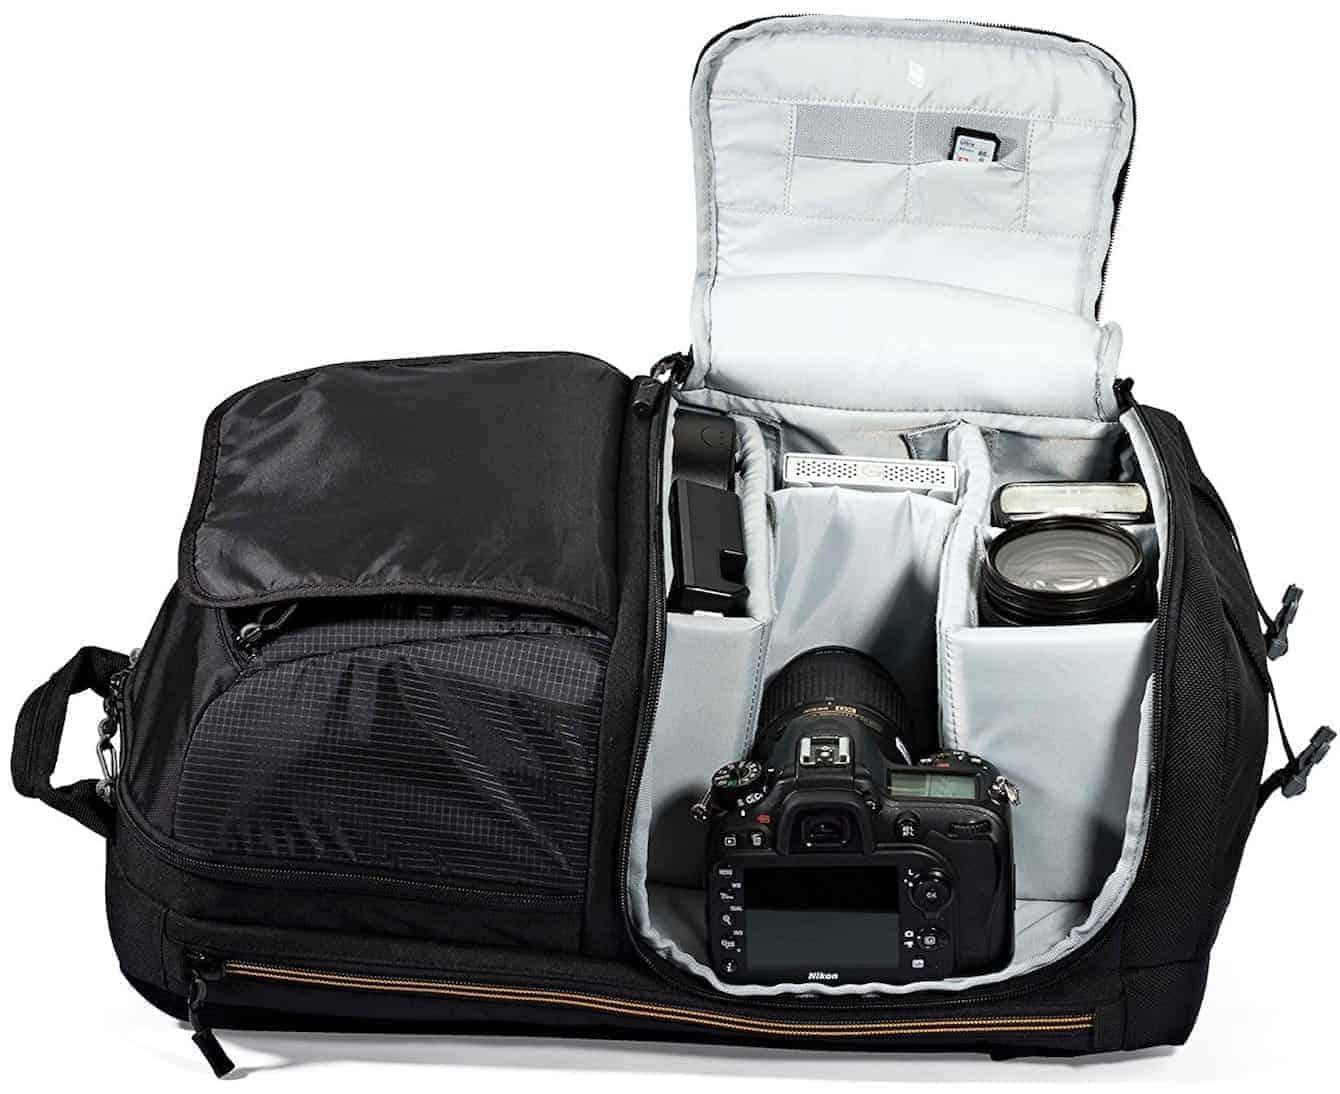 Best DSLR Camera Bags (Affordable Lowepro 250 Bag)